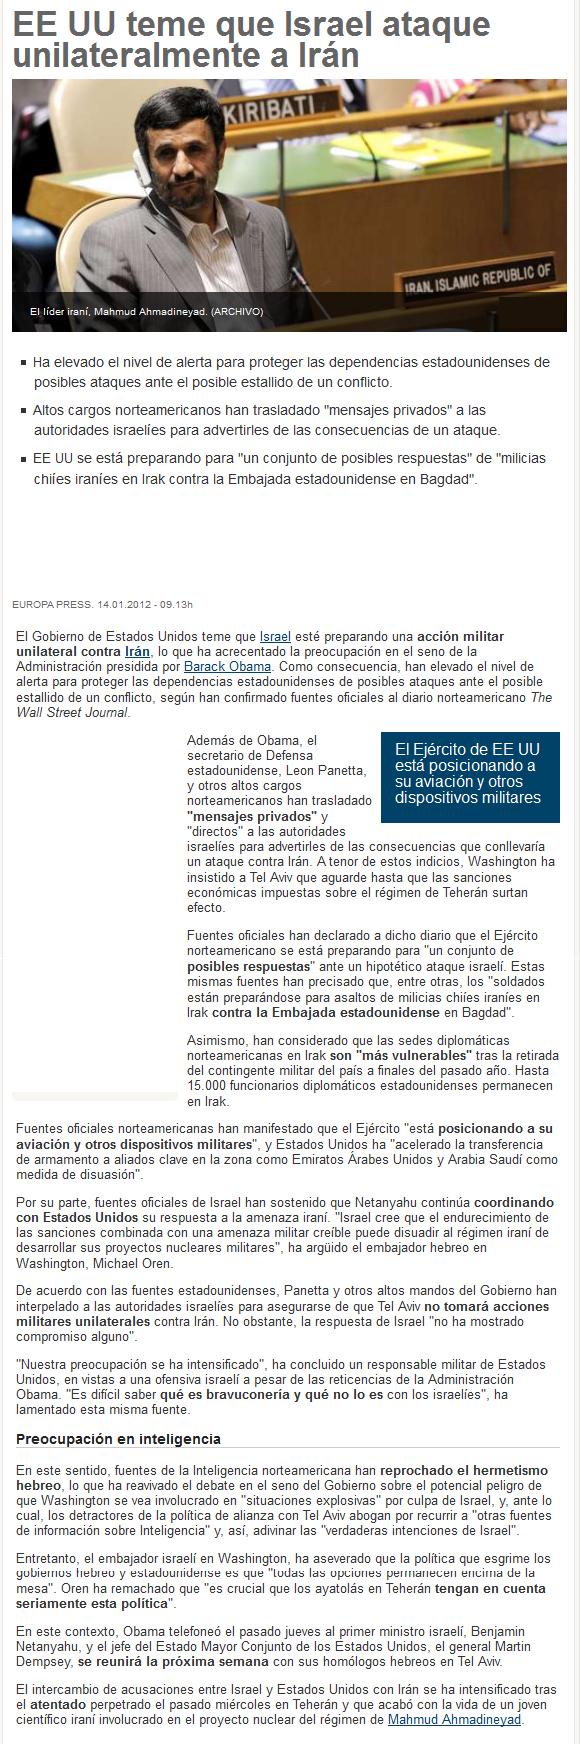 IRAN-MARINA DE GUERRA SIMULA CIERRE DEL ESTRECHO DE ORMUZ - Página 2 6860884333